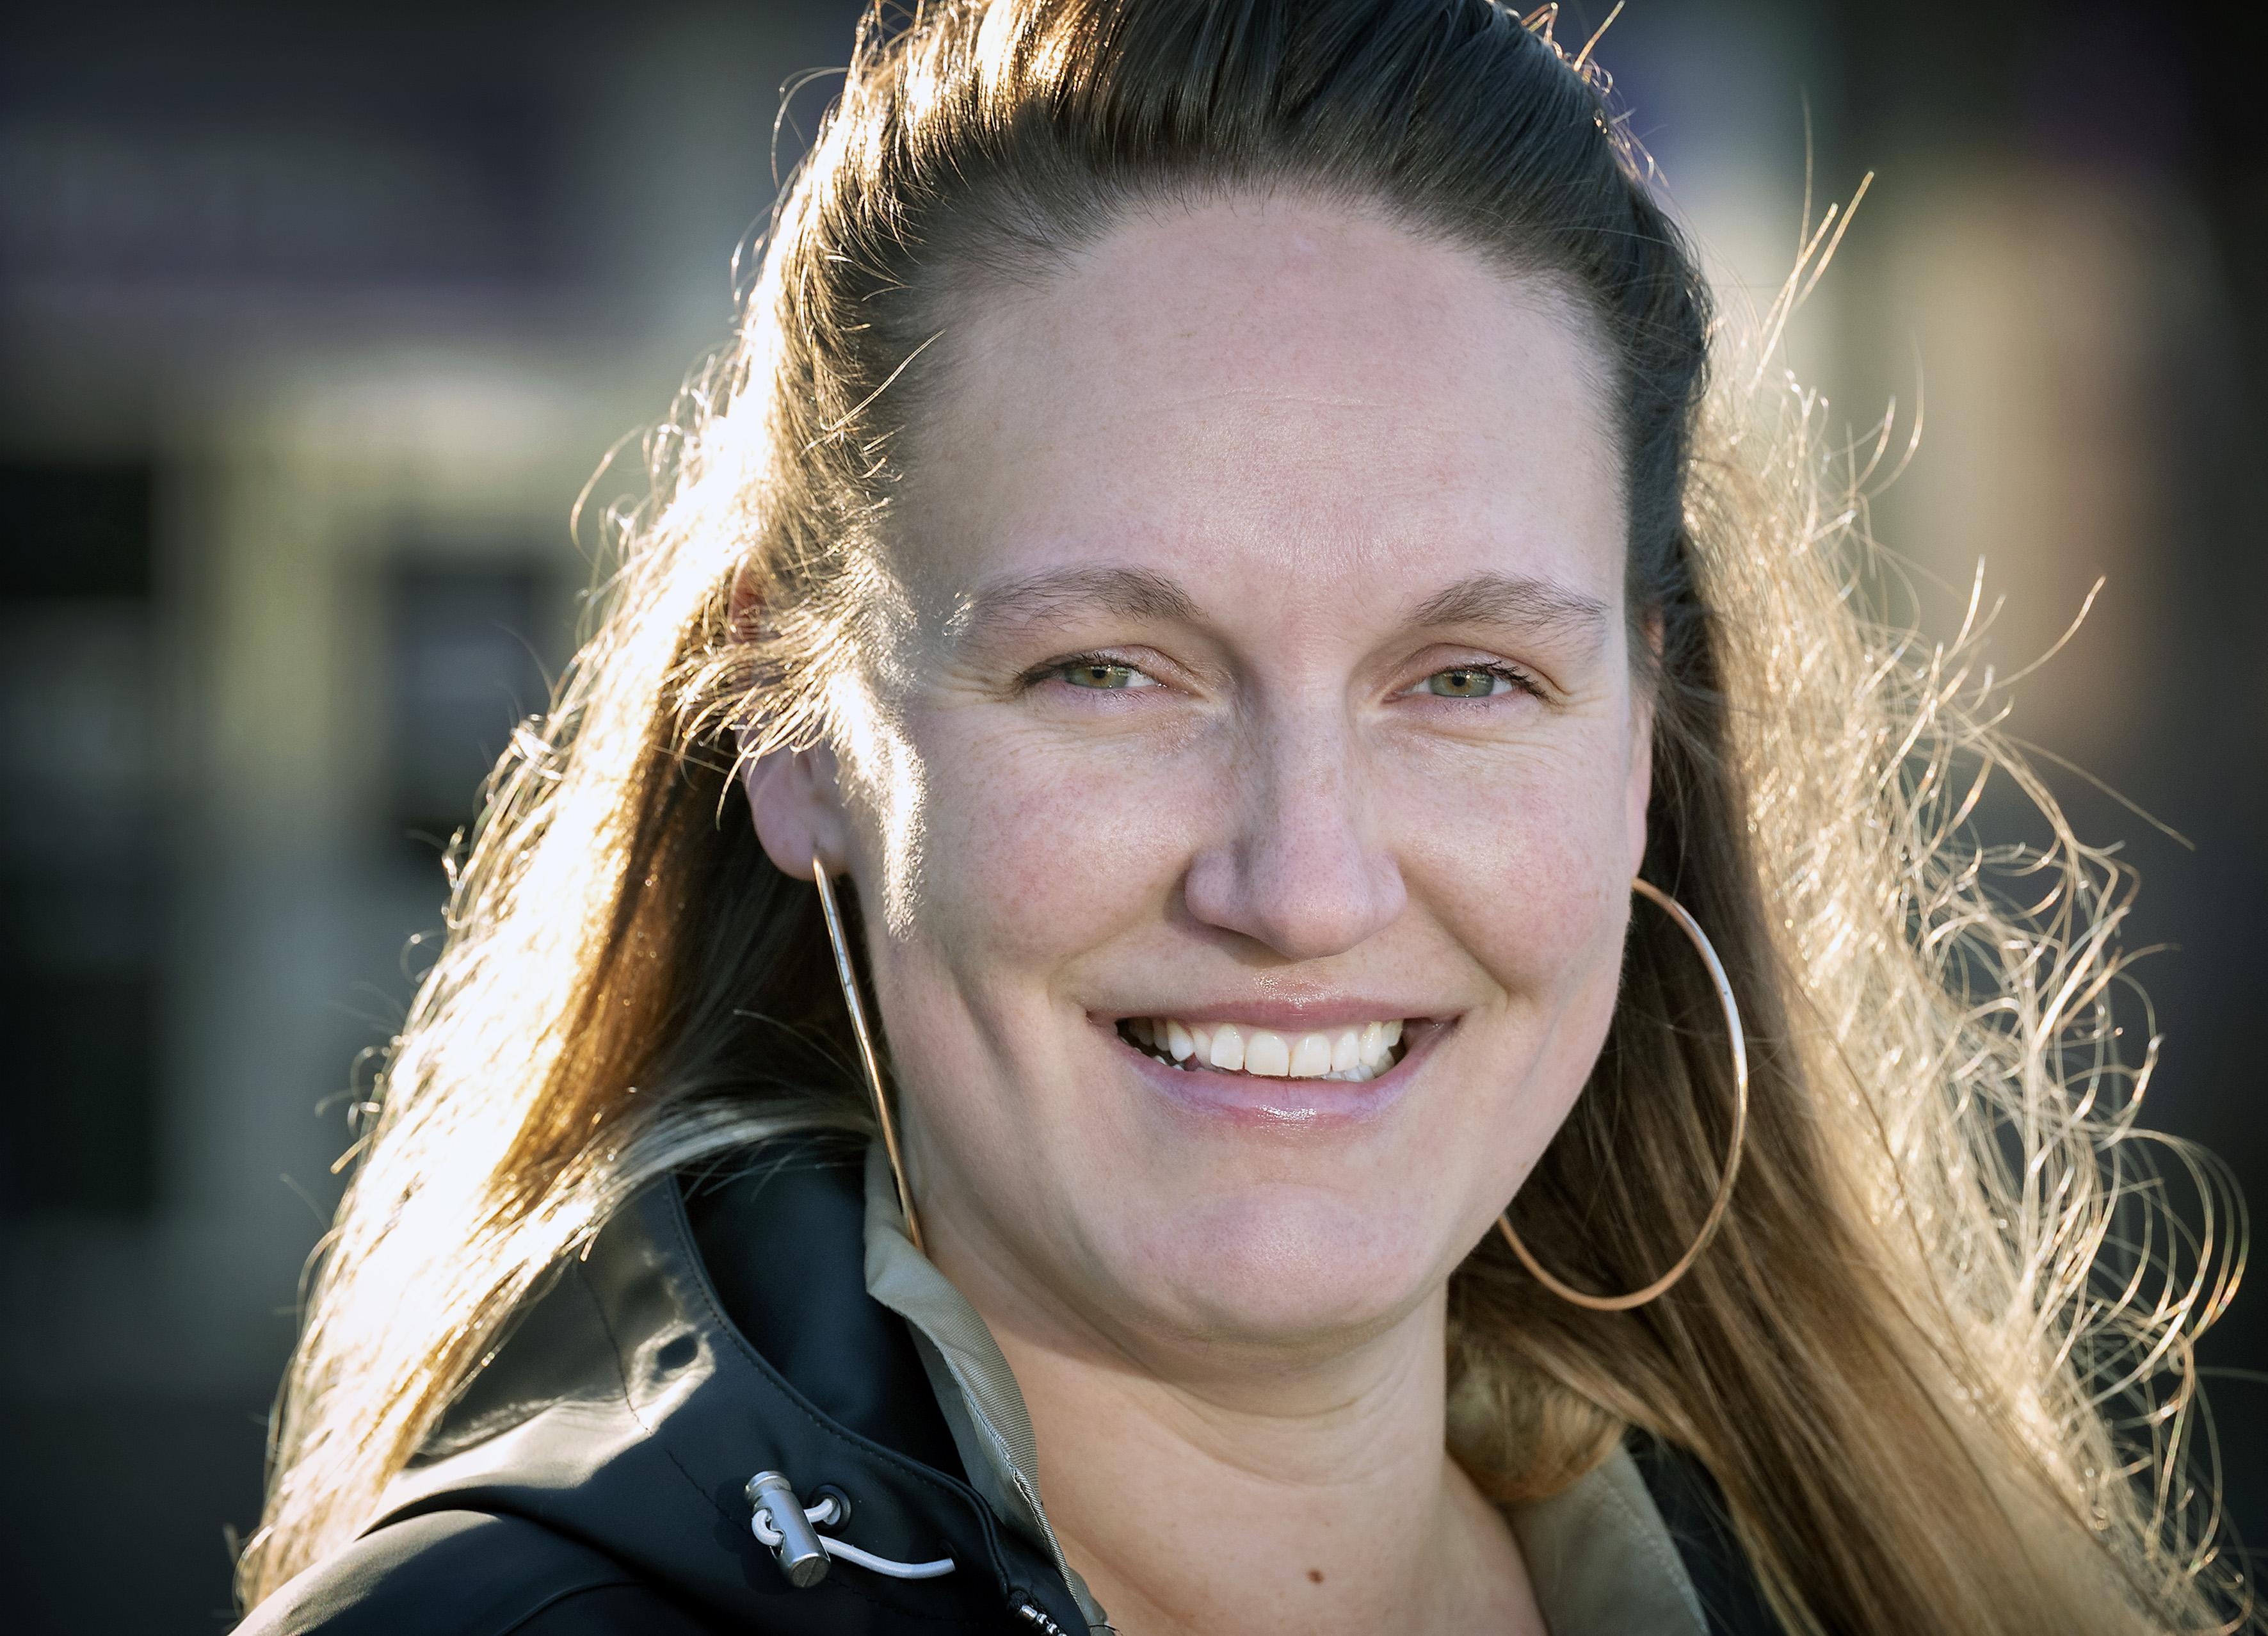 Nieuwe redactiechef Annelies Arendsen van Haarlems Dagblad wil nieuws een gezicht geven